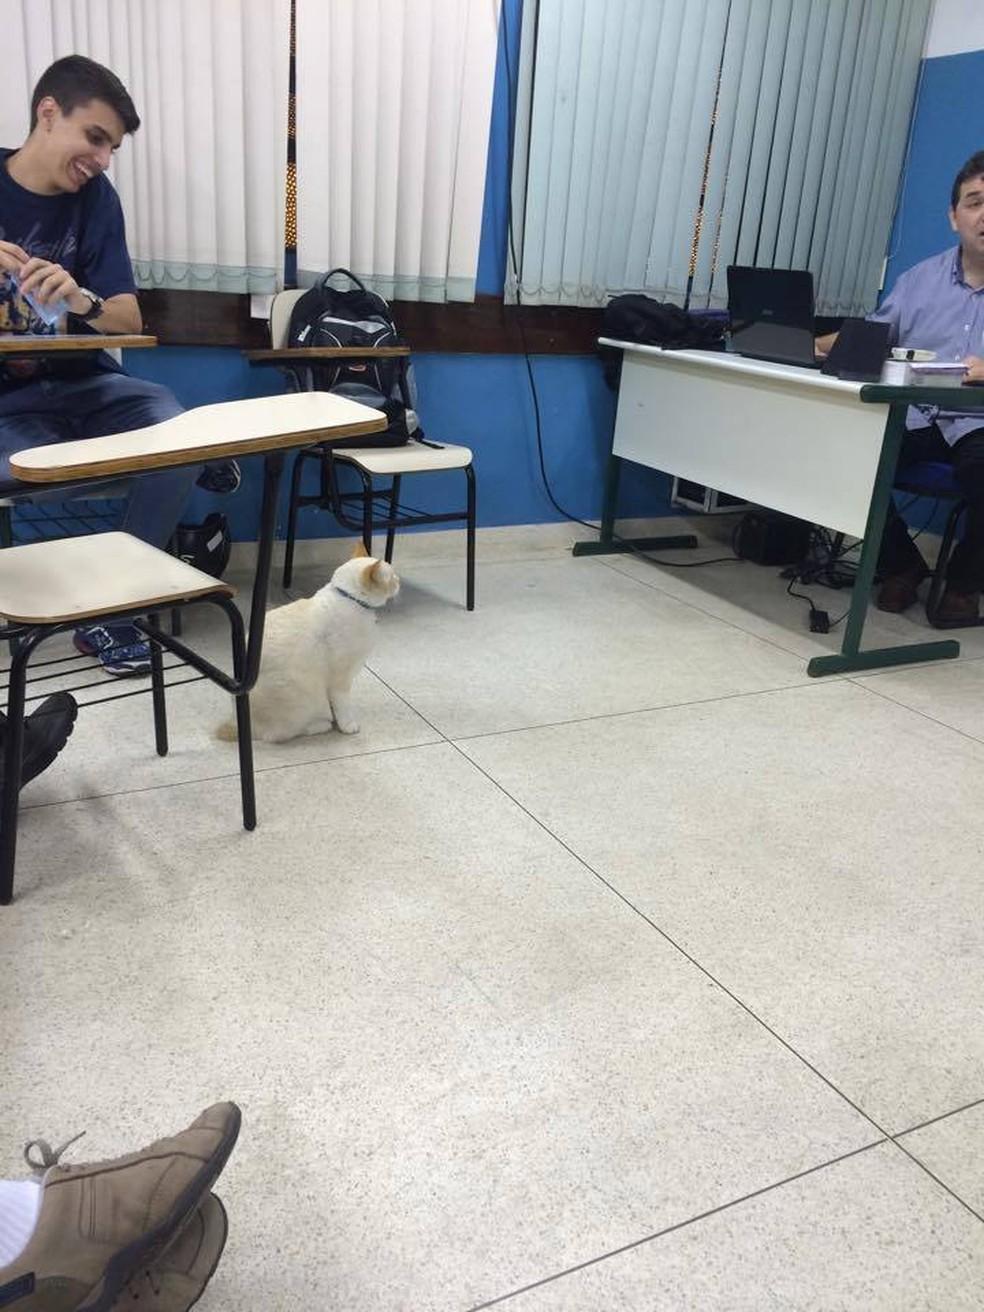 Branco frequenta as aulas da Fatec Rubens Lara há nove anos — Foto: Arquivo Pessoal